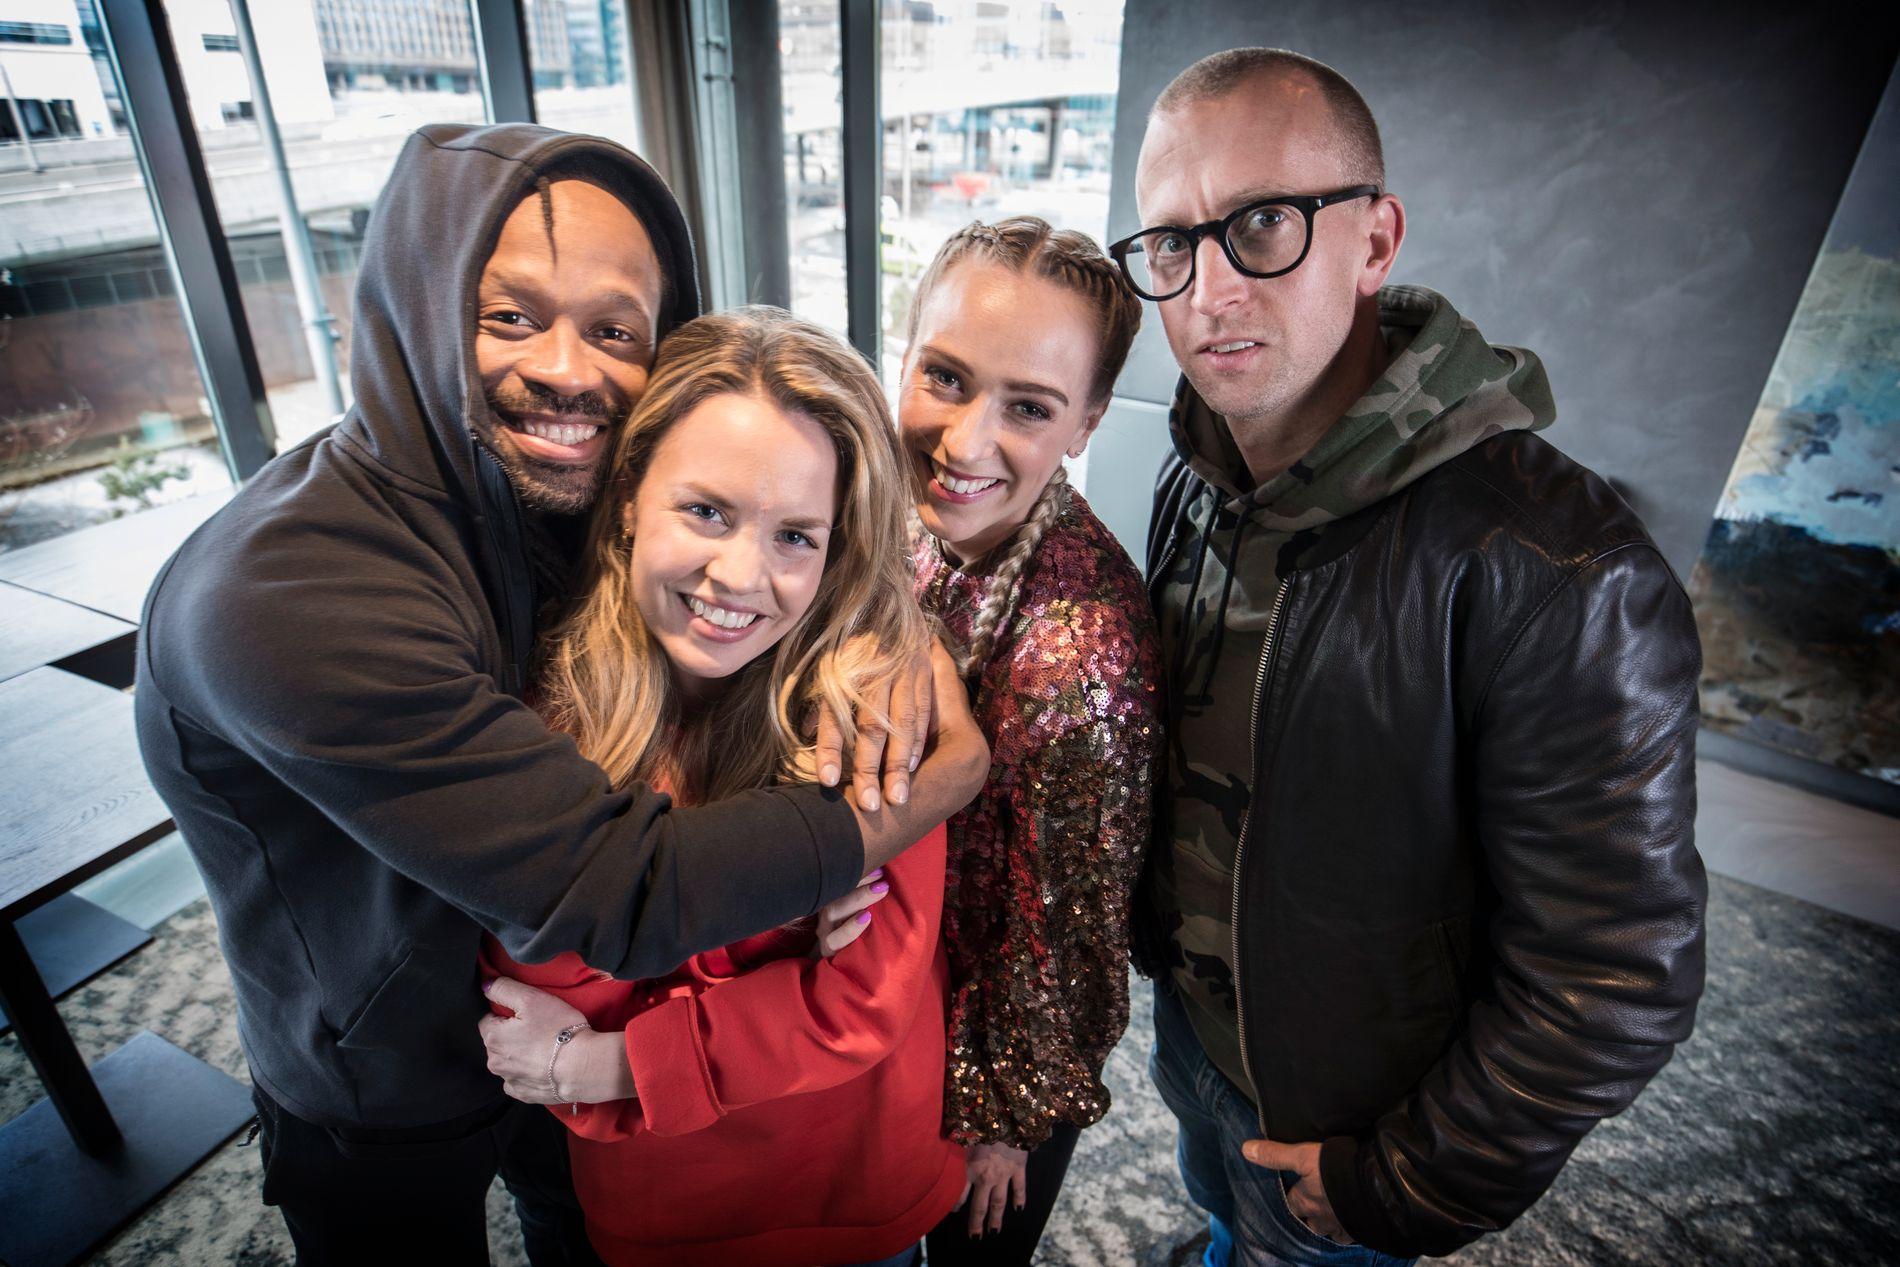 KLAR FOR SESONG TI AV «IDOL»: Disse får du se mye av i den nye sesongen av «Idol»: Fra venstre Tshawe Baqua, Silje Larsen Borgan, Katarina Flatland og Gunnar Greve.